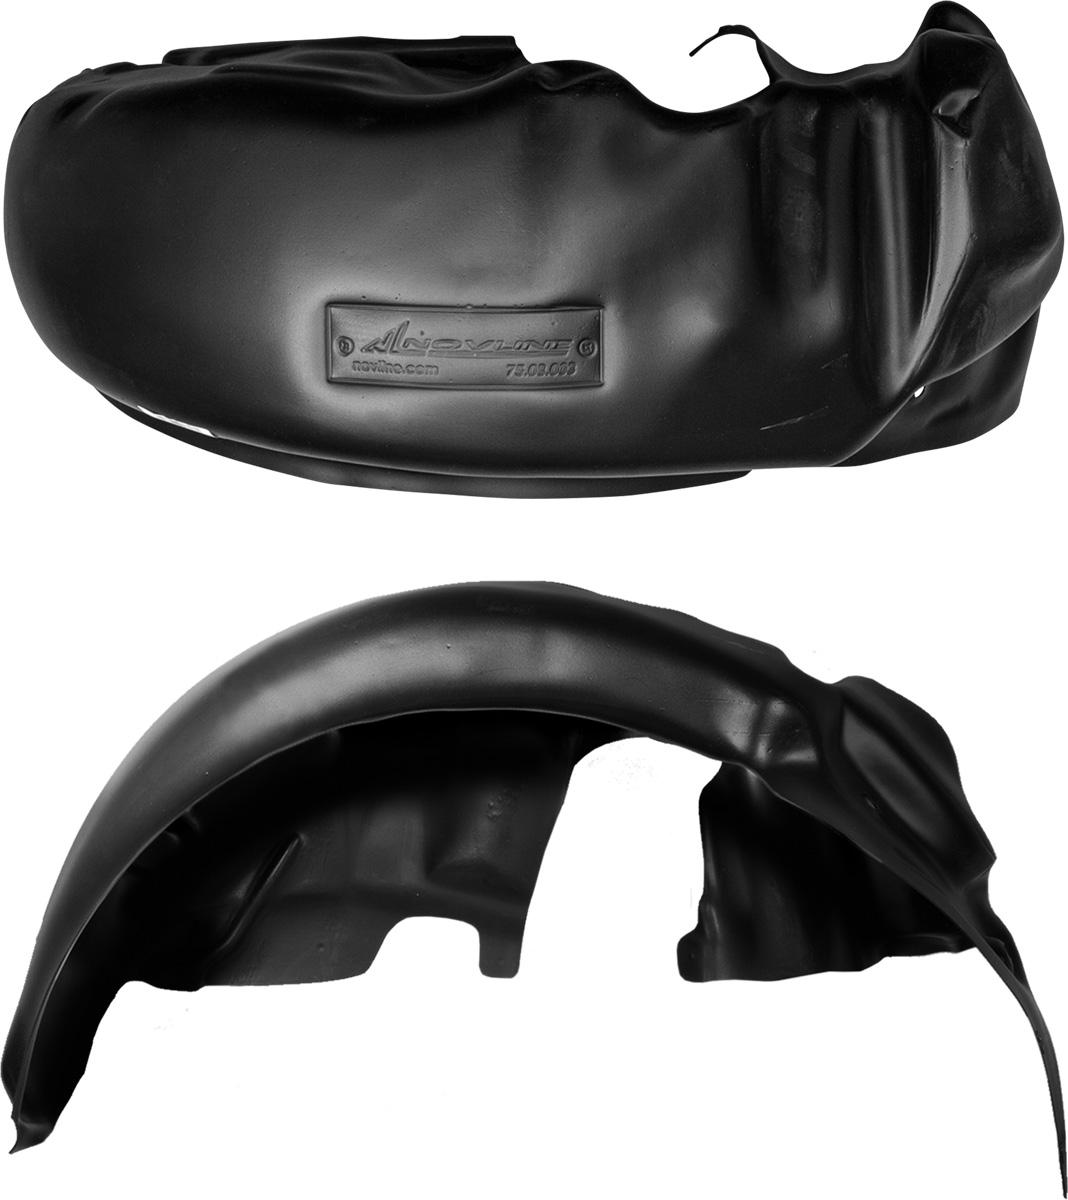 Подкрылок RENAULT Logan 2004-2013, задний левыйAdvoCam-FD-ONEКолесные ниши – одни из самых уязвимых зон днища вашего автомобиля. Они постоянно подвергаются воздействию со стороны дороги. Лучшая, почти абсолютная защита для них - специально отформованные пластиковые кожухи, которые называются подкрылками, или локерами. Производятся они как для отечественных моделей автомобилей, так и для иномарок. Подкрылки выполнены из высококачественного, экологически чистого пластика. Обеспечивают надежную защиту кузова автомобиля от пескоструйного эффекта и негативного влияния, агрессивных антигололедных реагентов. Пластик обладает более низкой теплопроводностью, чем металл, поэтому в зимний период эксплуатации использование пластиковых подкрылков позволяет лучше защитить колесные ниши от налипания снега и образования наледи. Оригинальность конструкции подчеркивает элегантность автомобиля, бережно защищает нанесенное на днище кузова антикоррозийное покрытие и позволяет осуществить крепление подкрылков внутри колесной арки практически без дополнительного крепежа и сверления, не нарушая при этом лакокрасочного покрытия, что предотвращает возникновение новых очагов коррозии. Технология крепления подкрылков на иномарки принципиально отличается от крепления на российские автомобили и разрабатывается индивидуально для каждой модели автомобиля. Подкрылки долговечны, обладают высокой прочностью и сохраняют заданную форму, а также все свои физико-механические характеристики в самых тяжелых климатических условиях ( от -50° С до + 50° С).